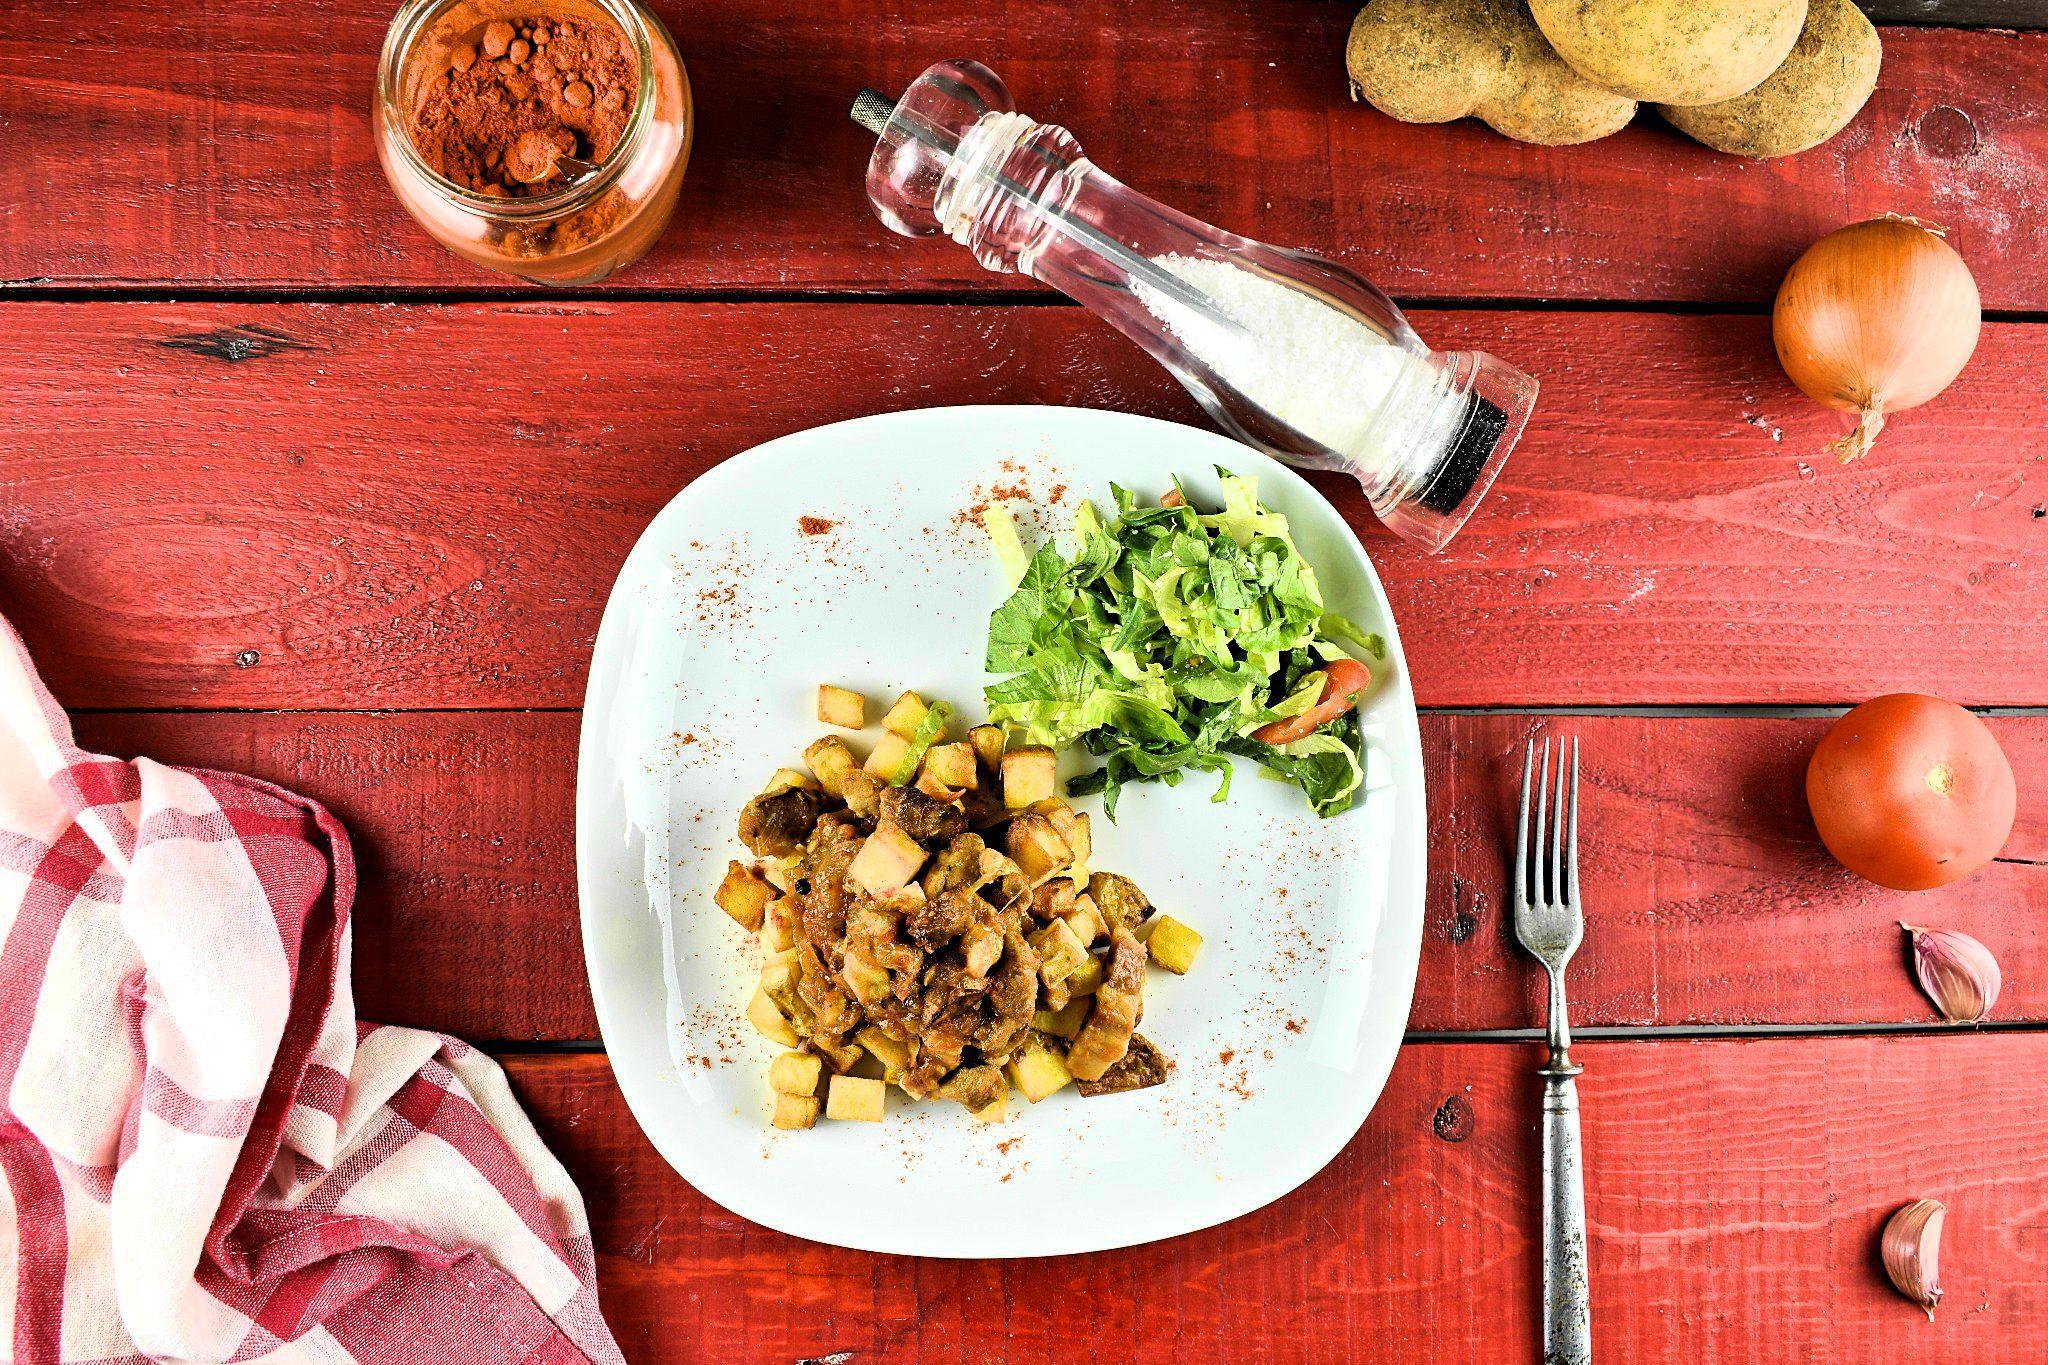 Braised-Pork-Ragu-Recipe-1-SunCakeMom